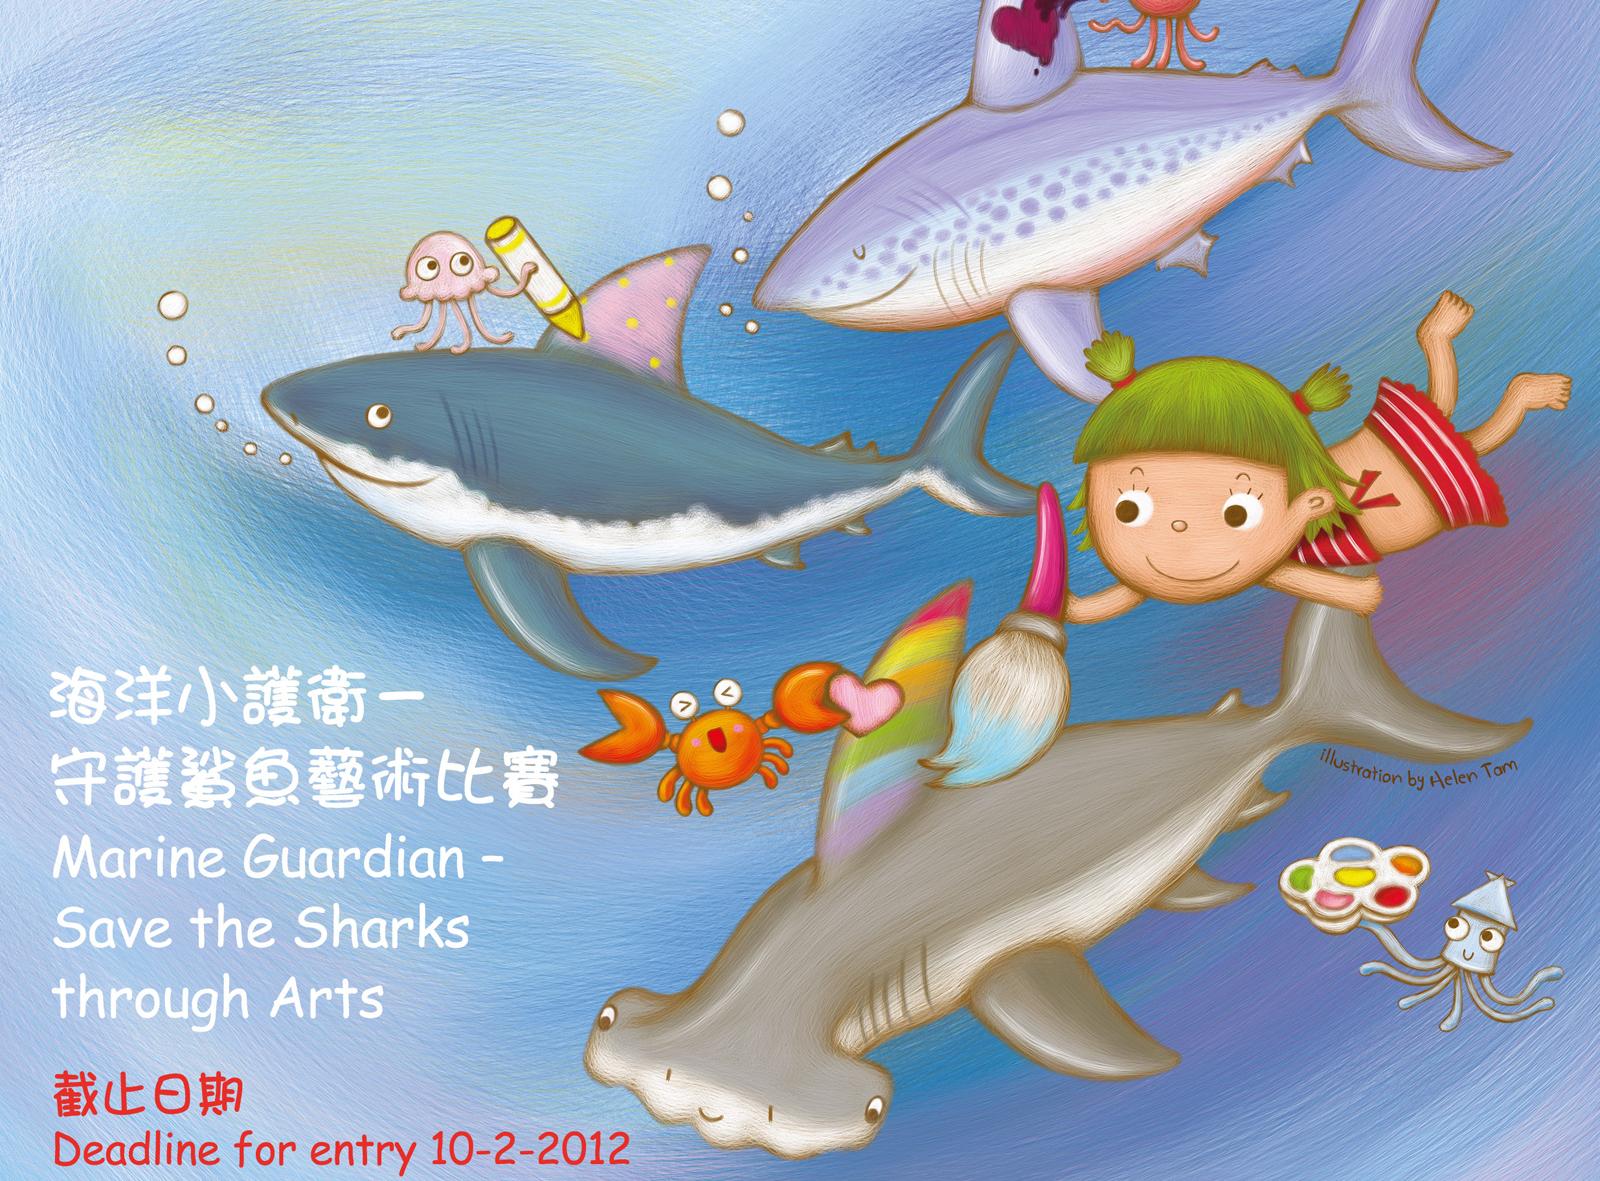 「海洋小护卫-守护鲨鱼艺术计划」共收逾2,000份儿童创作,部分作品将